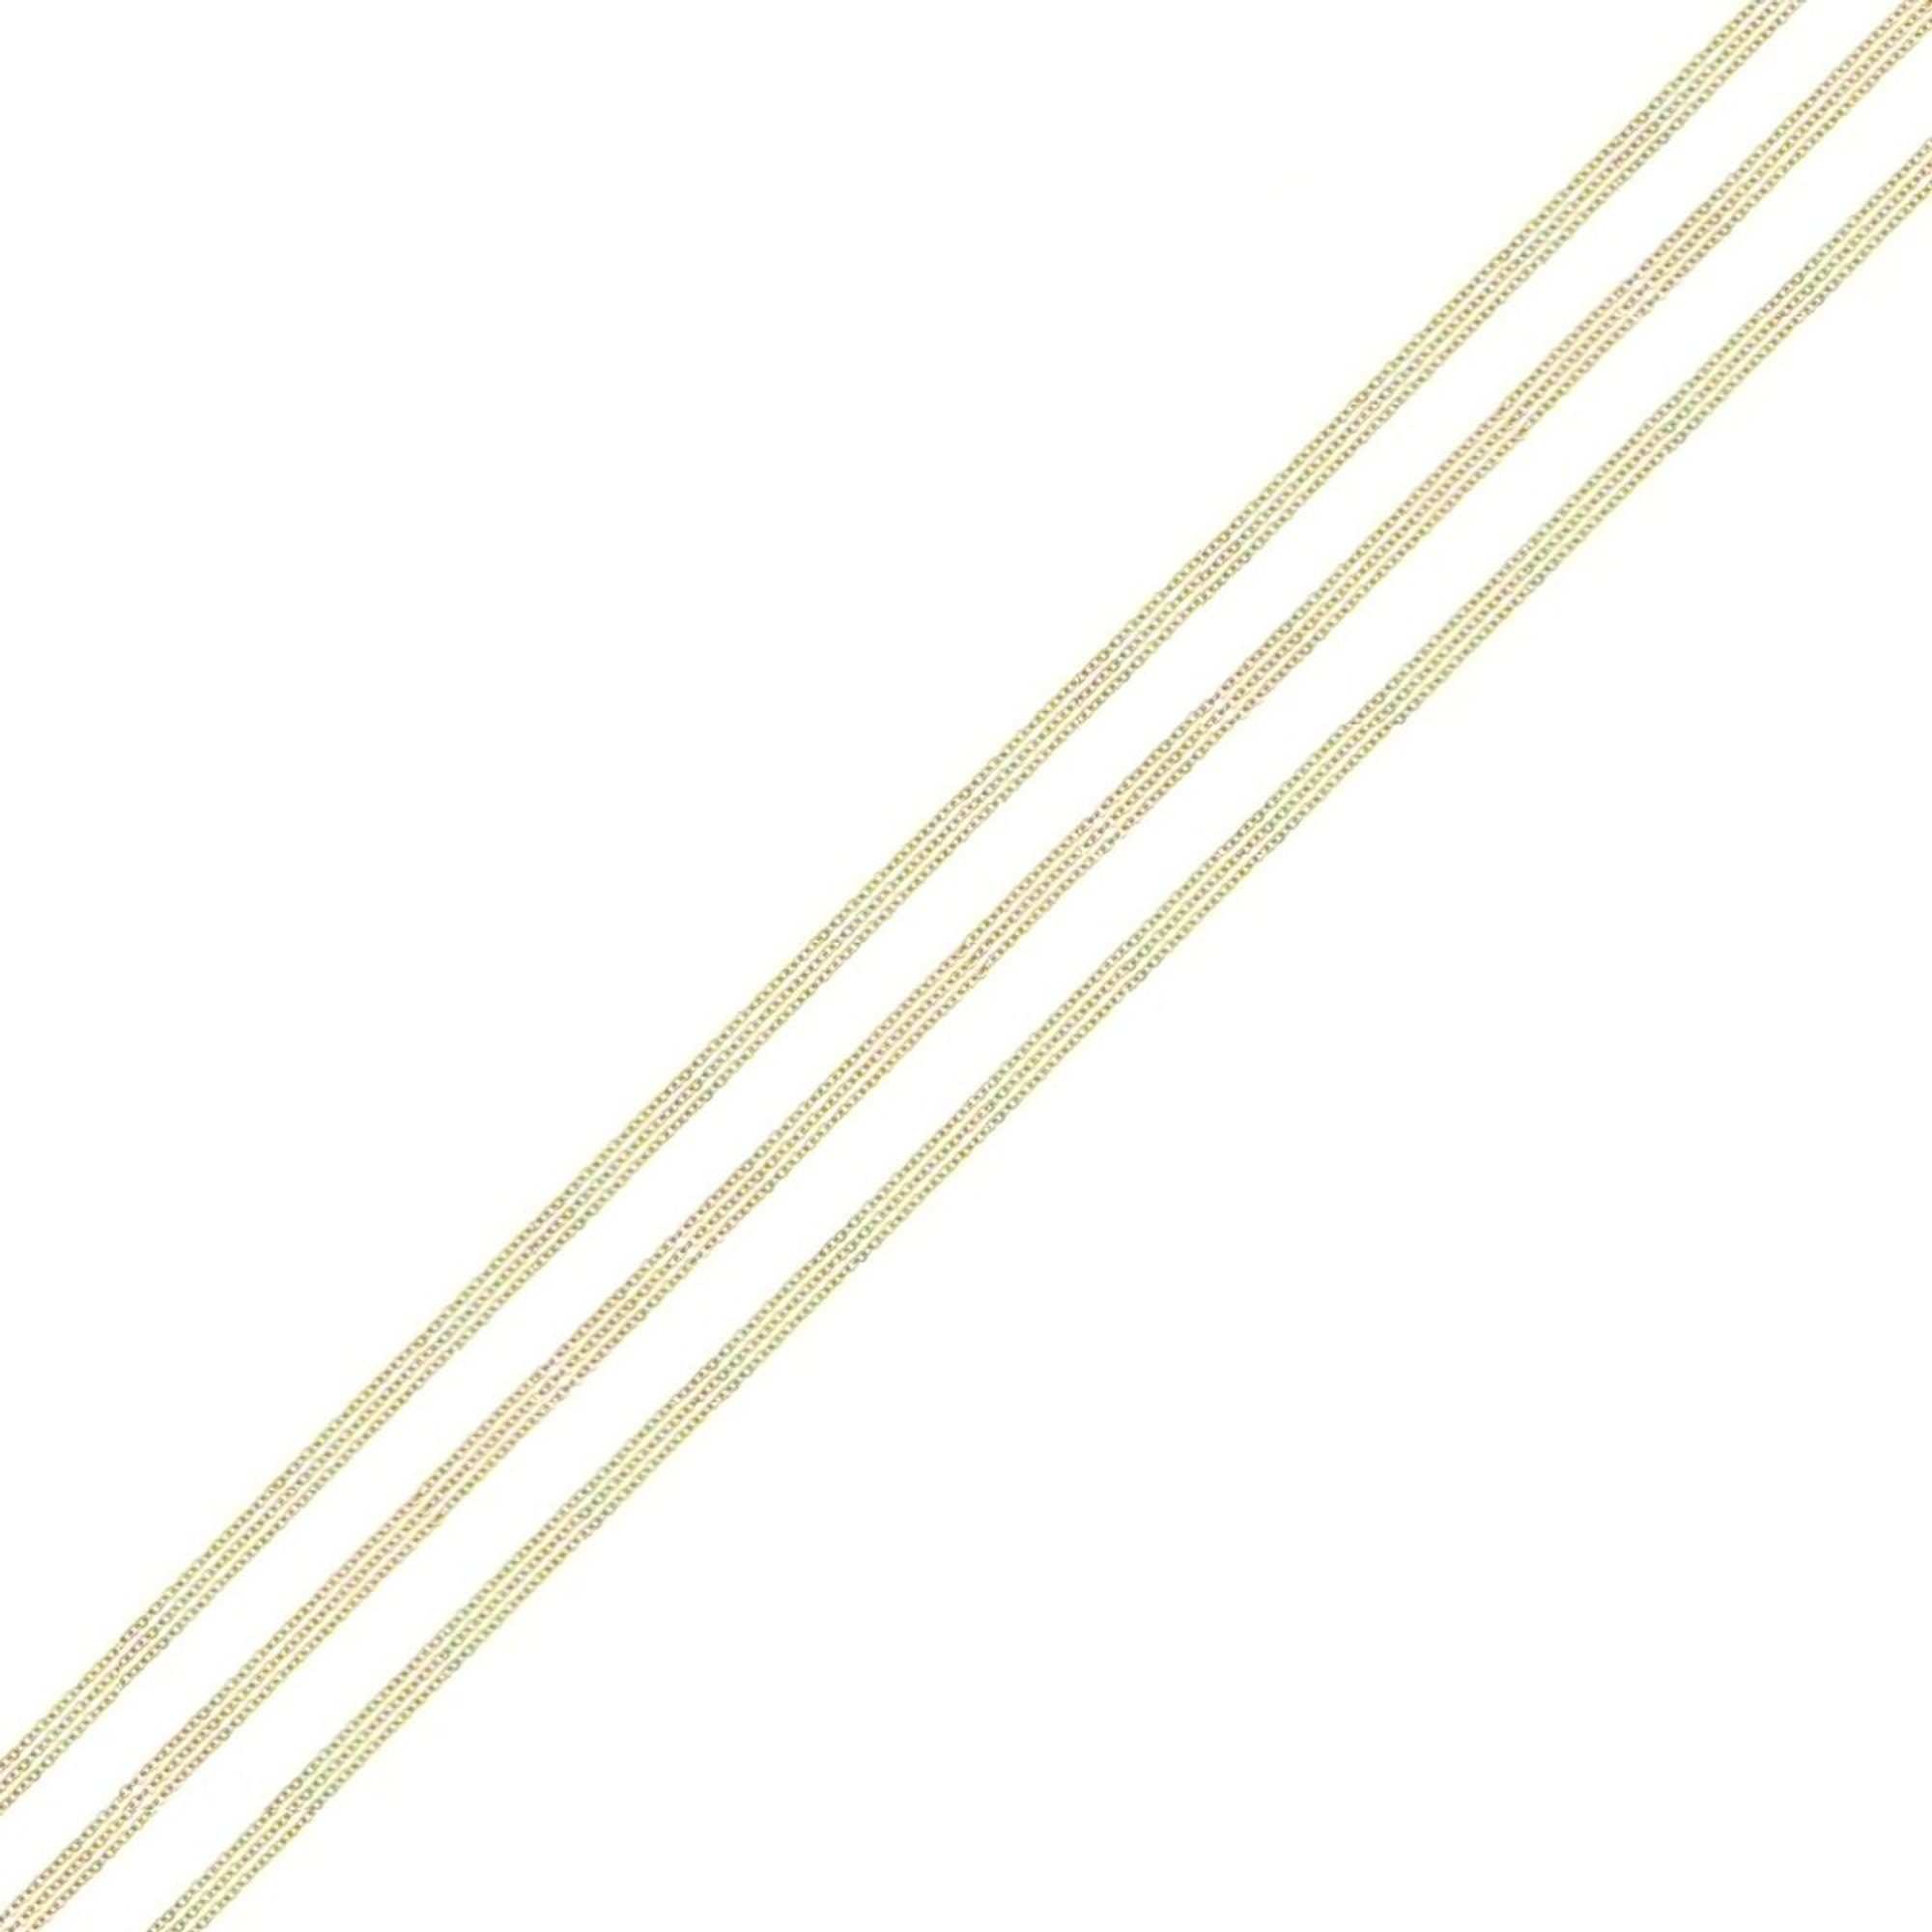 Quoins QK-EG2-60 Damen Kette Edelstahl gold 60 cm